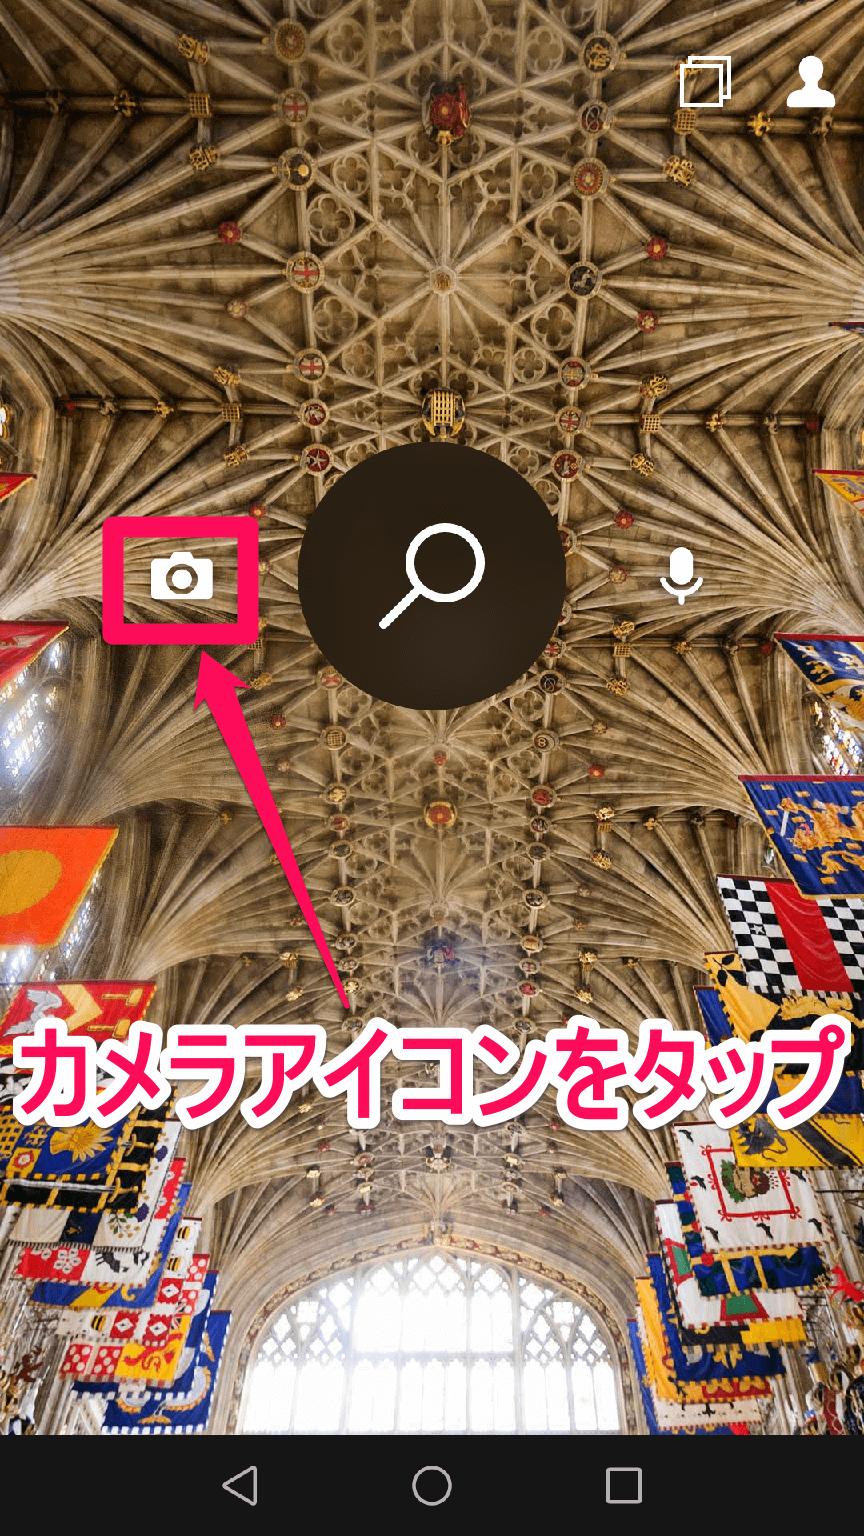 Android版(アンドロイド版)の「Bing」(ビング)アプリが起動した画面